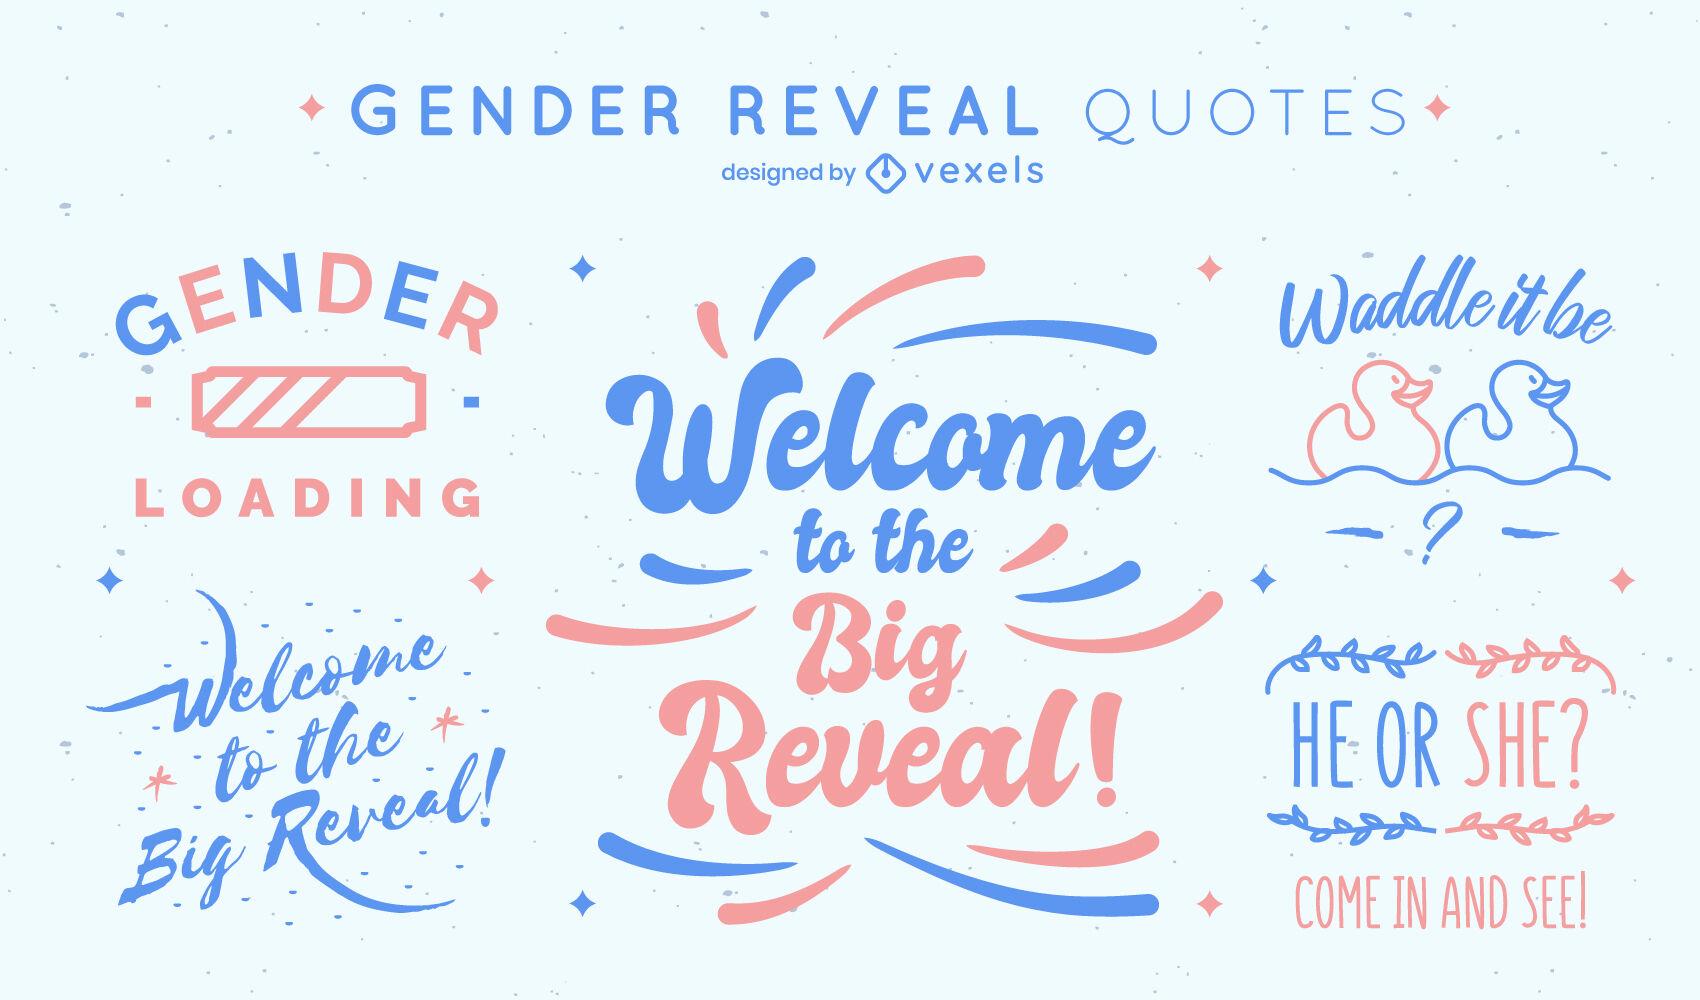 Conjunto de citas de fiesta de revelación de género